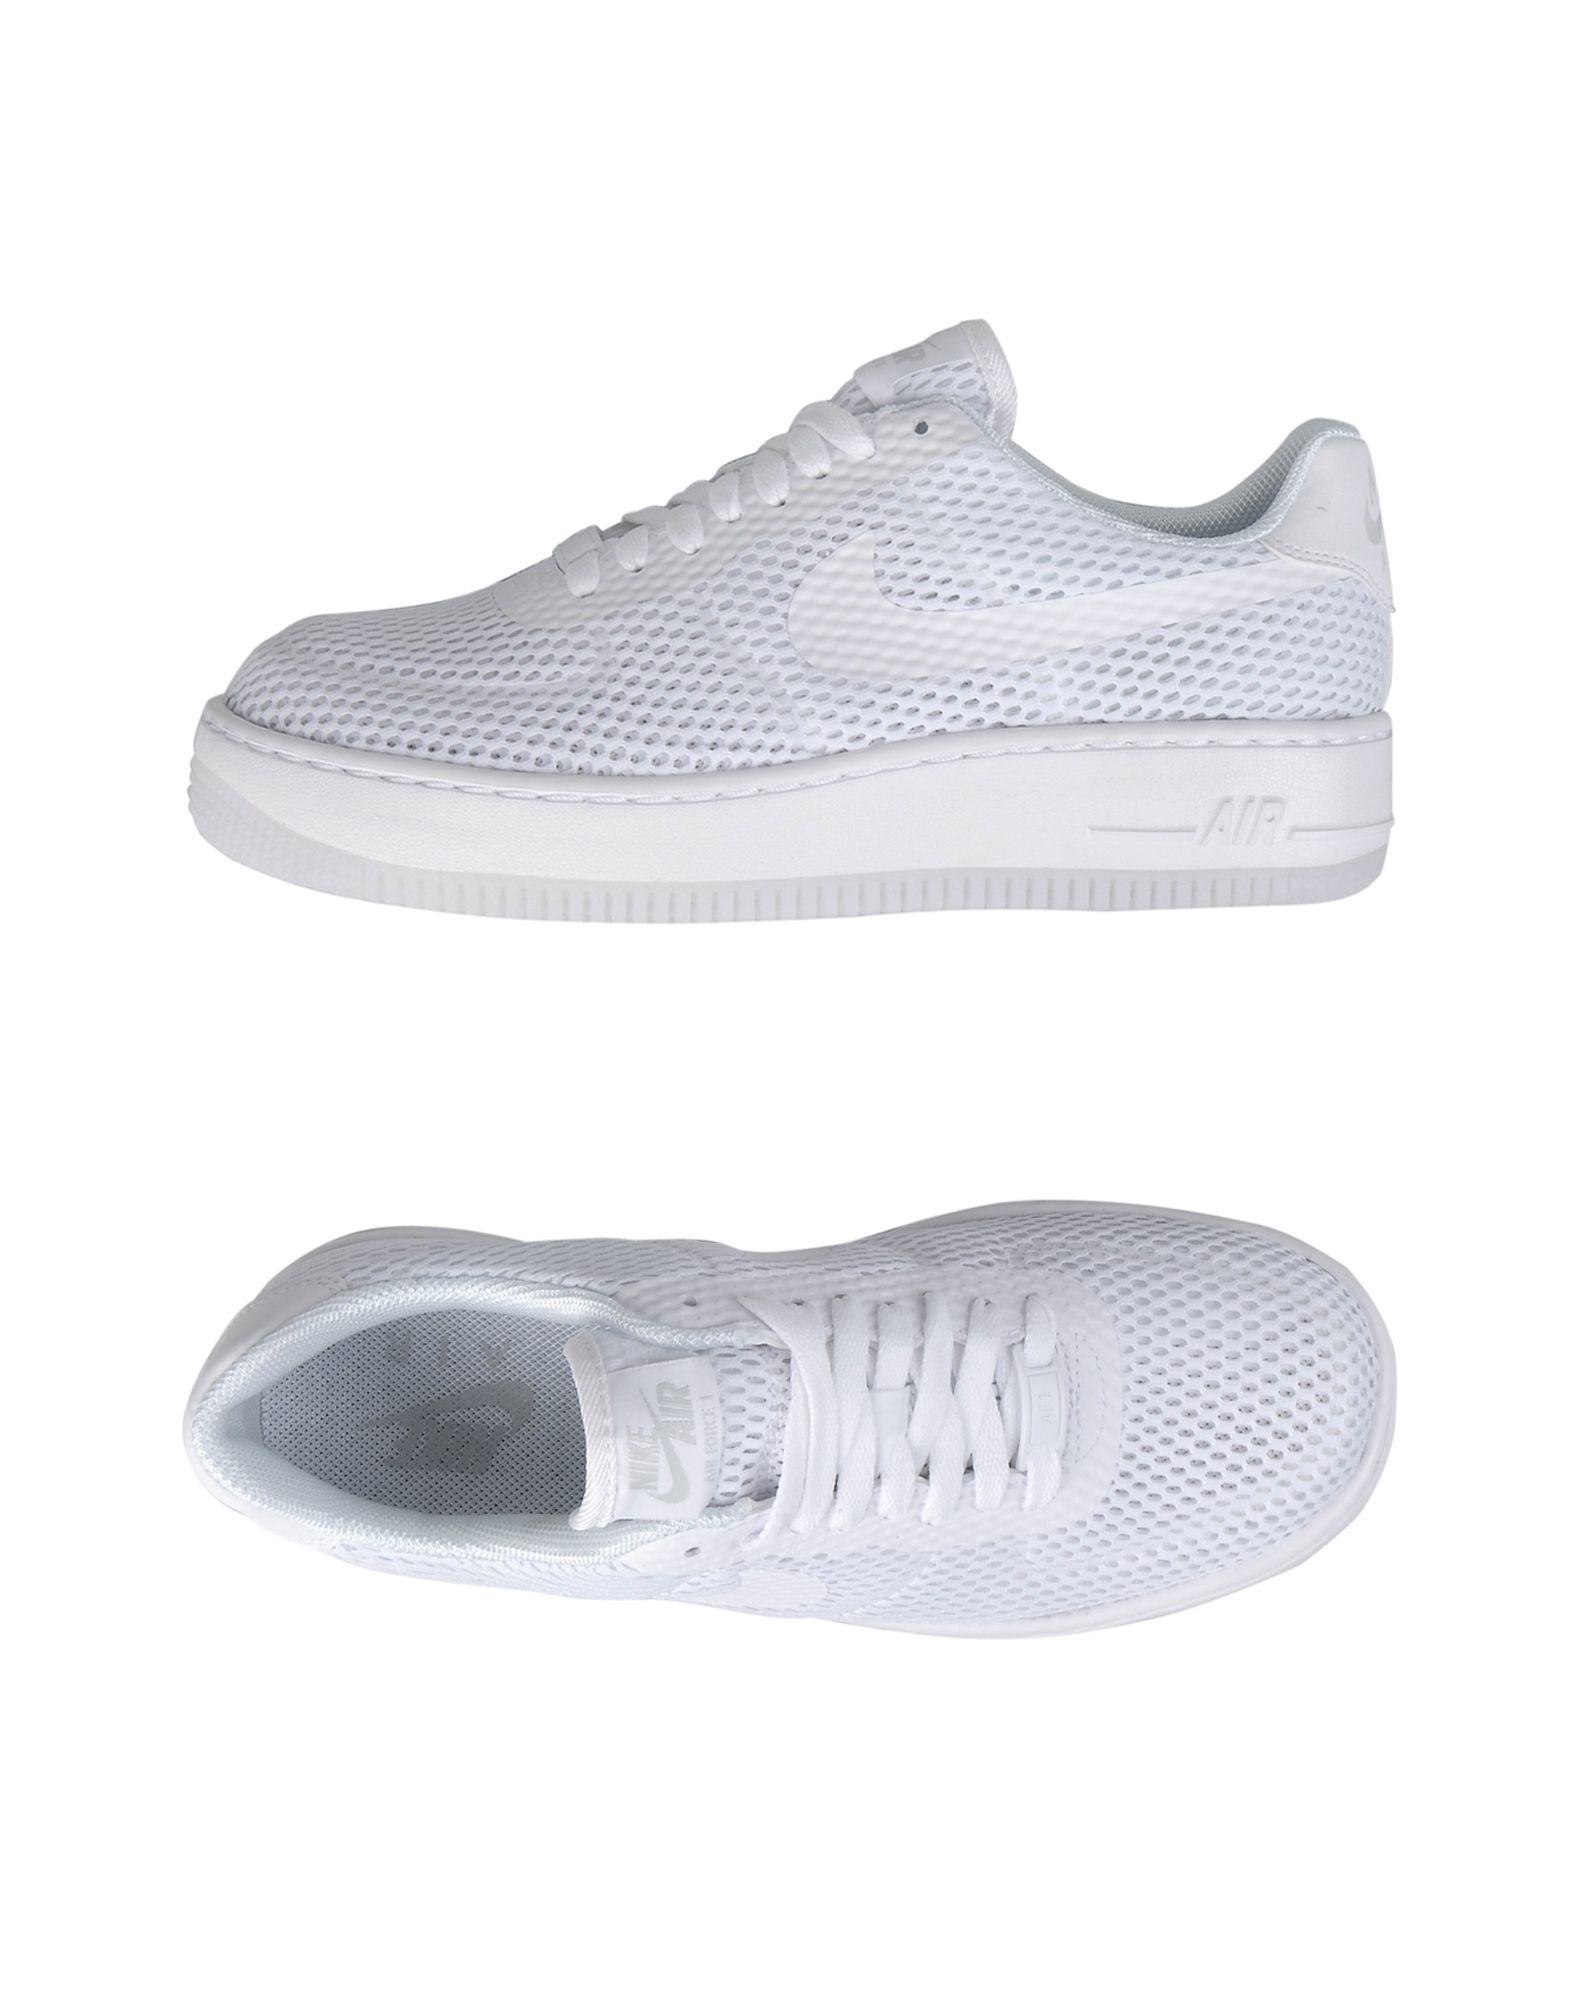 Sneakers Nike W Af1 Low Upstep Br - Femme - Sneakers Nike sur